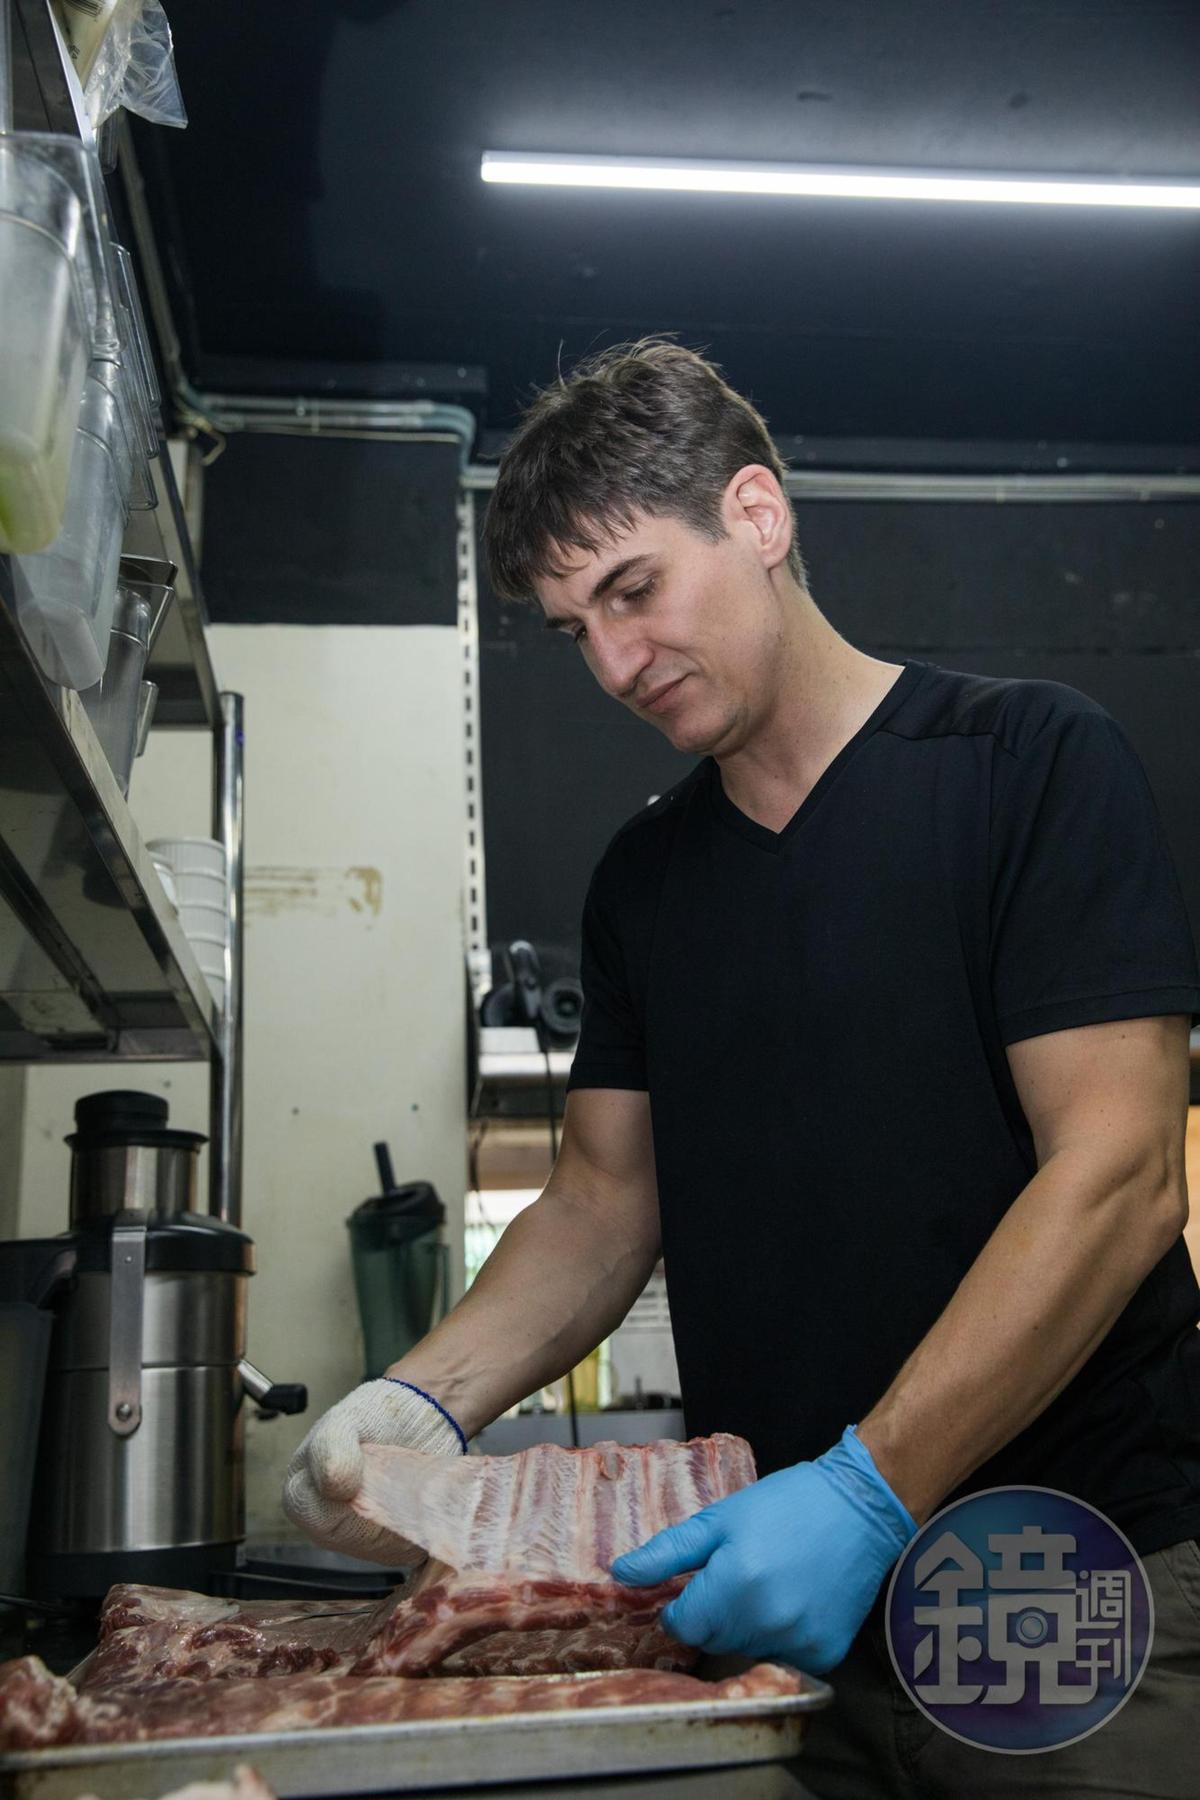 手工剝除薄膜,是燻烤肋排的前置作業。